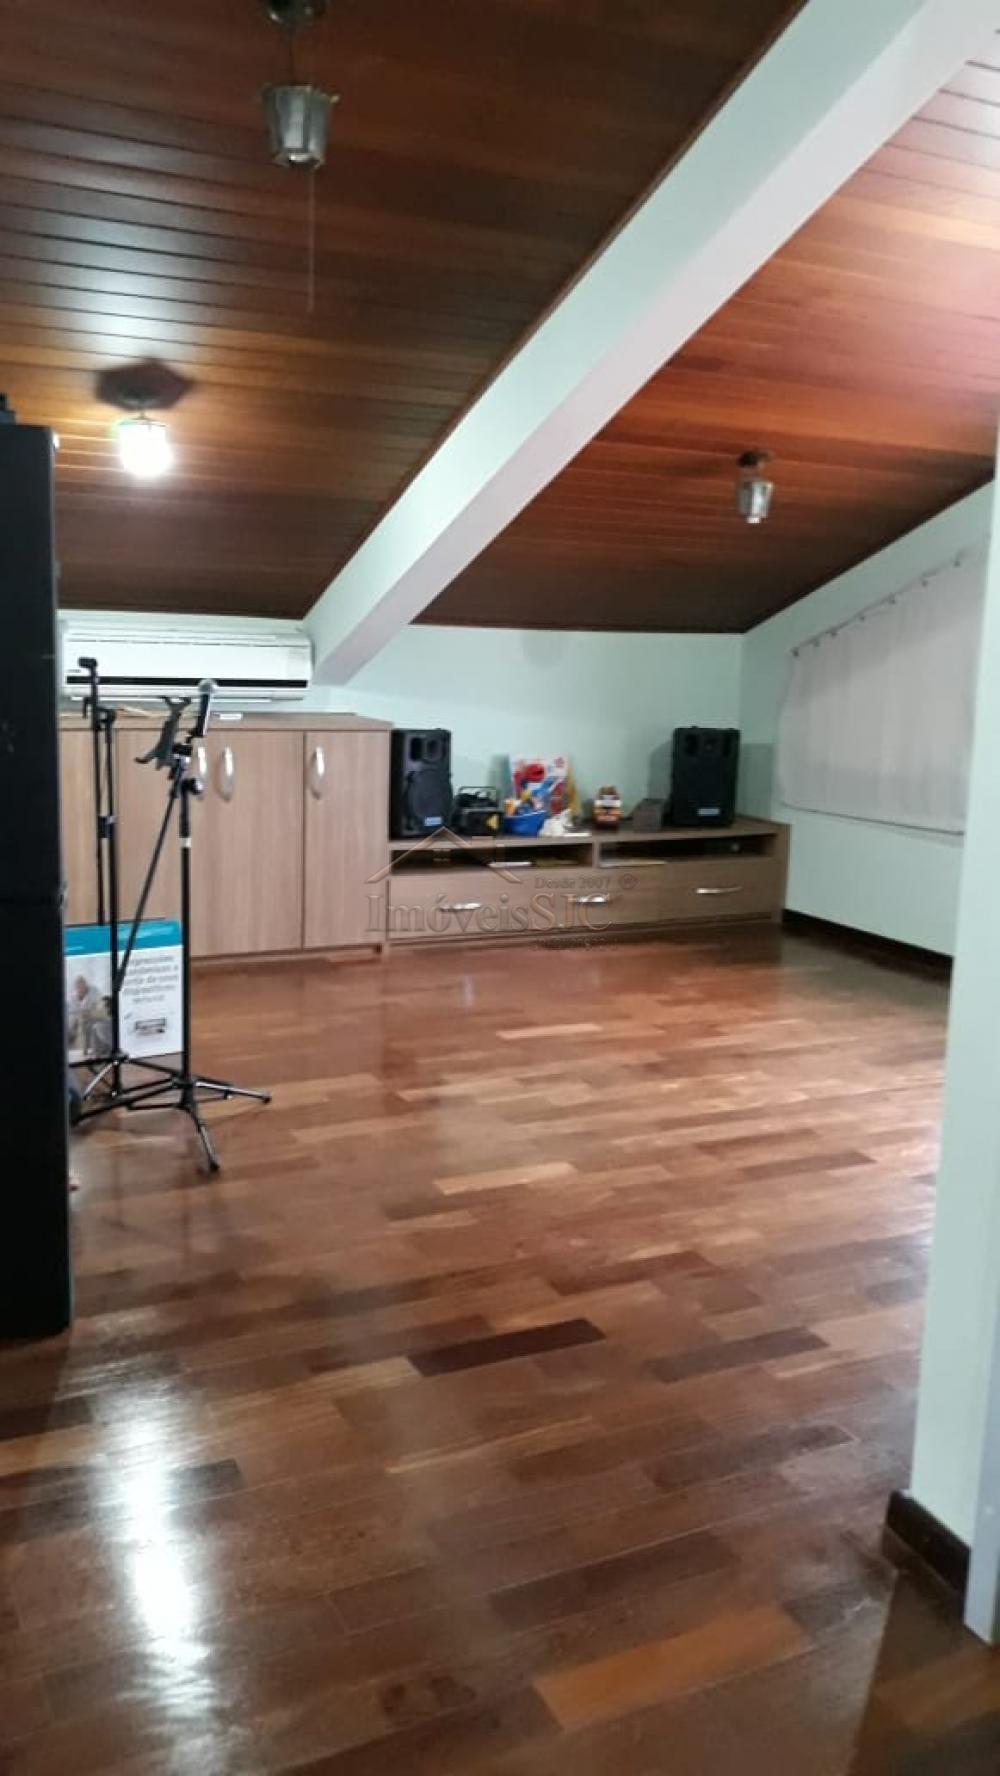 Comprar Casas / Condomínio em São José dos Campos apenas R$ 890.000,00 - Foto 16